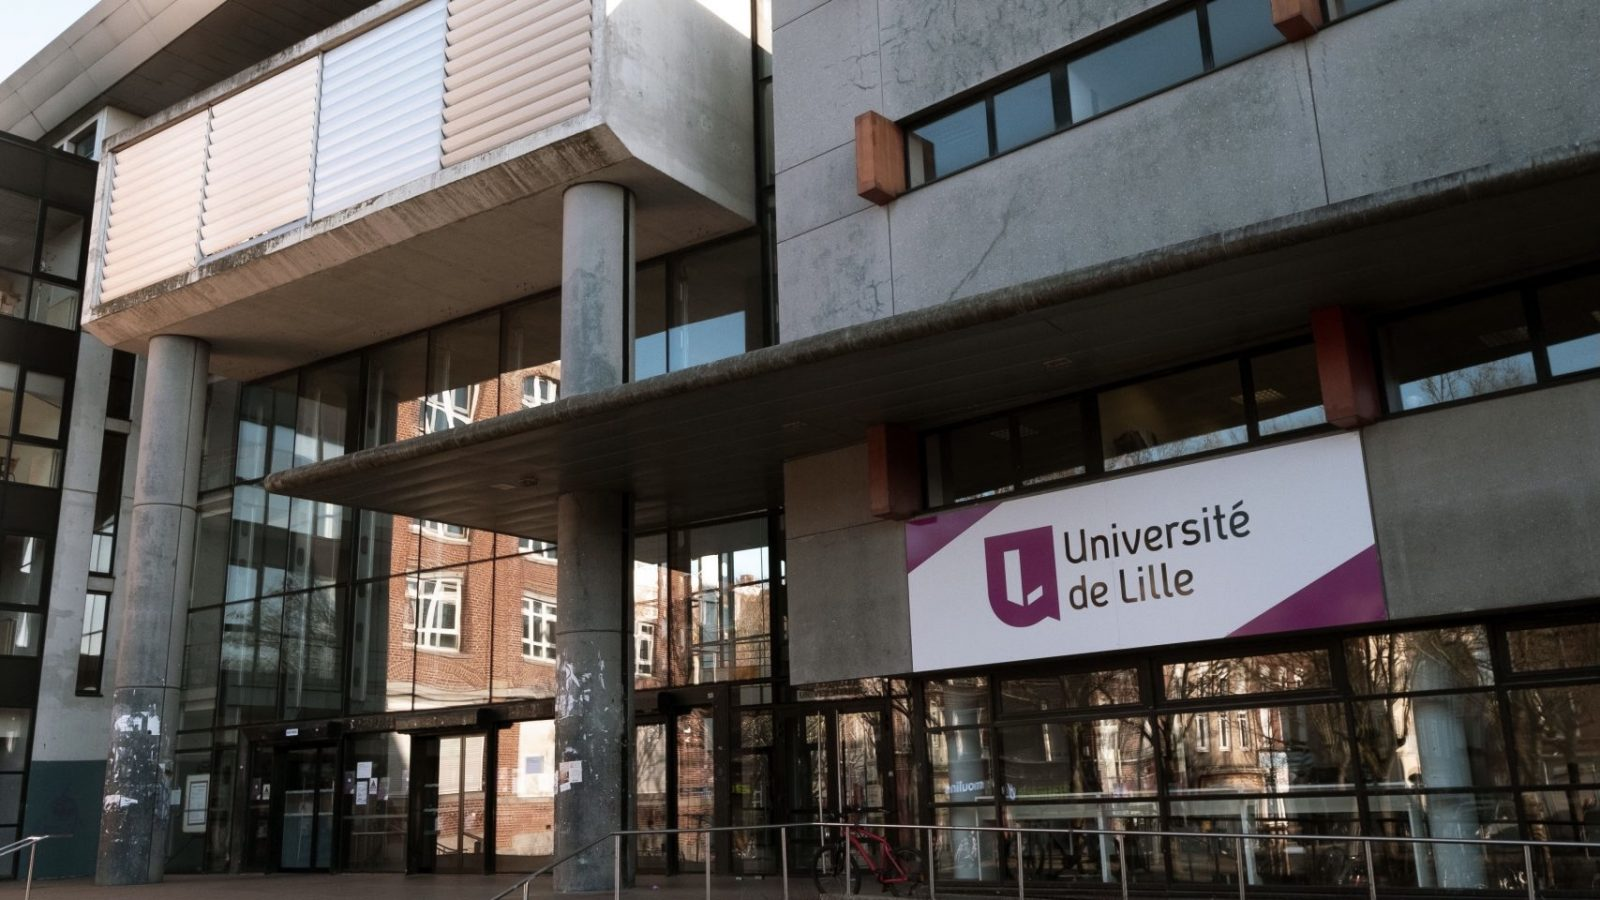 FSJPS faculté sciences juridiques politiques sociales Lille université